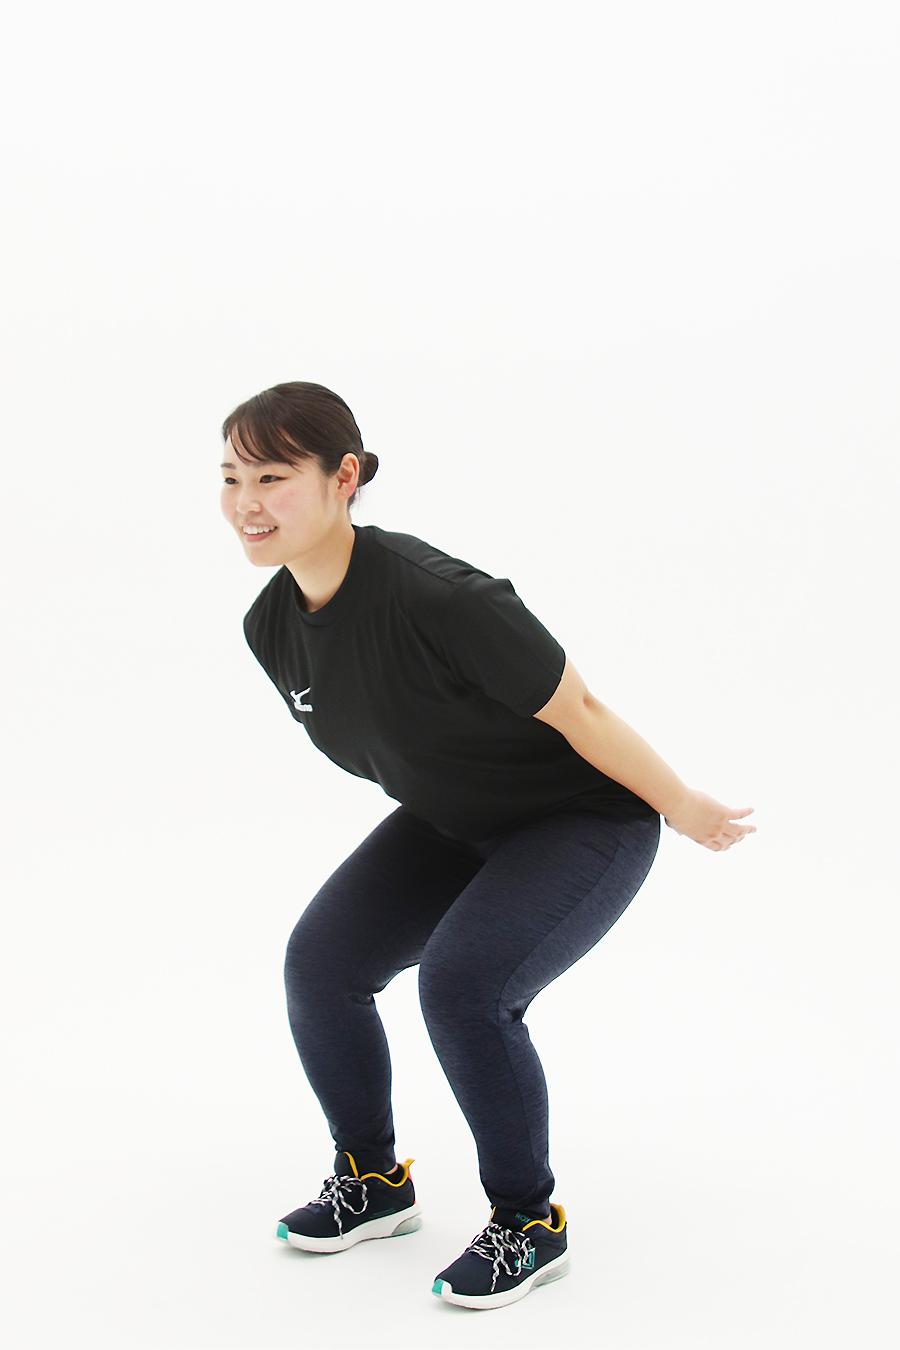 足を腰幅に開いて立ち、つま先は正面に向け、お尻を後ろに突き出すようにして45度くらいの深さを目安に腰を落とします